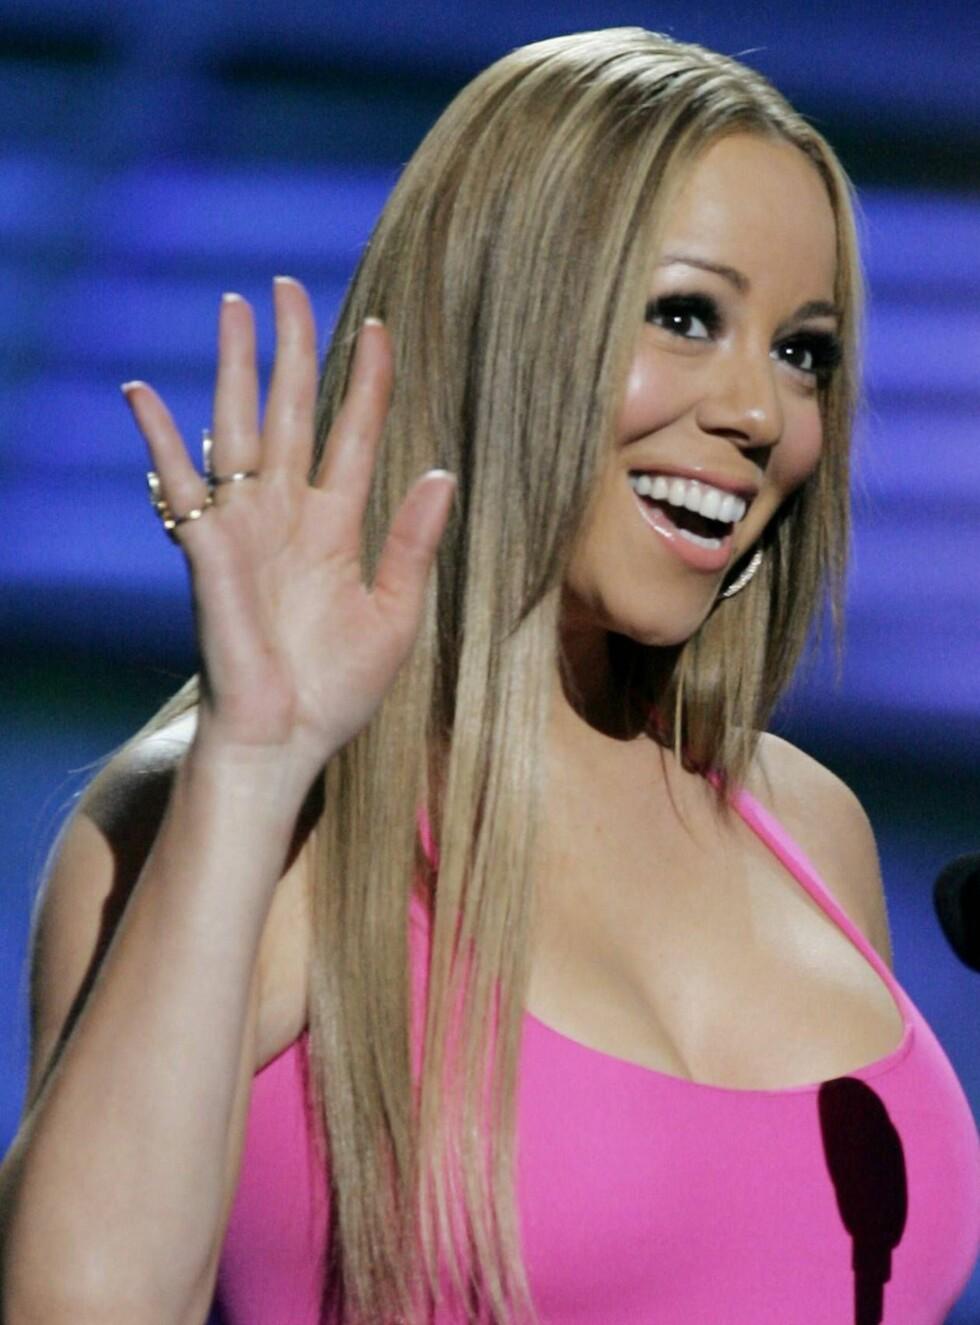 TITTEI: Mariah Carey har et krav til eventuelle kjøpere av New York-leiligheten hennes: - De må være en bedre diva enn meg! Foto: AP/Scanpix